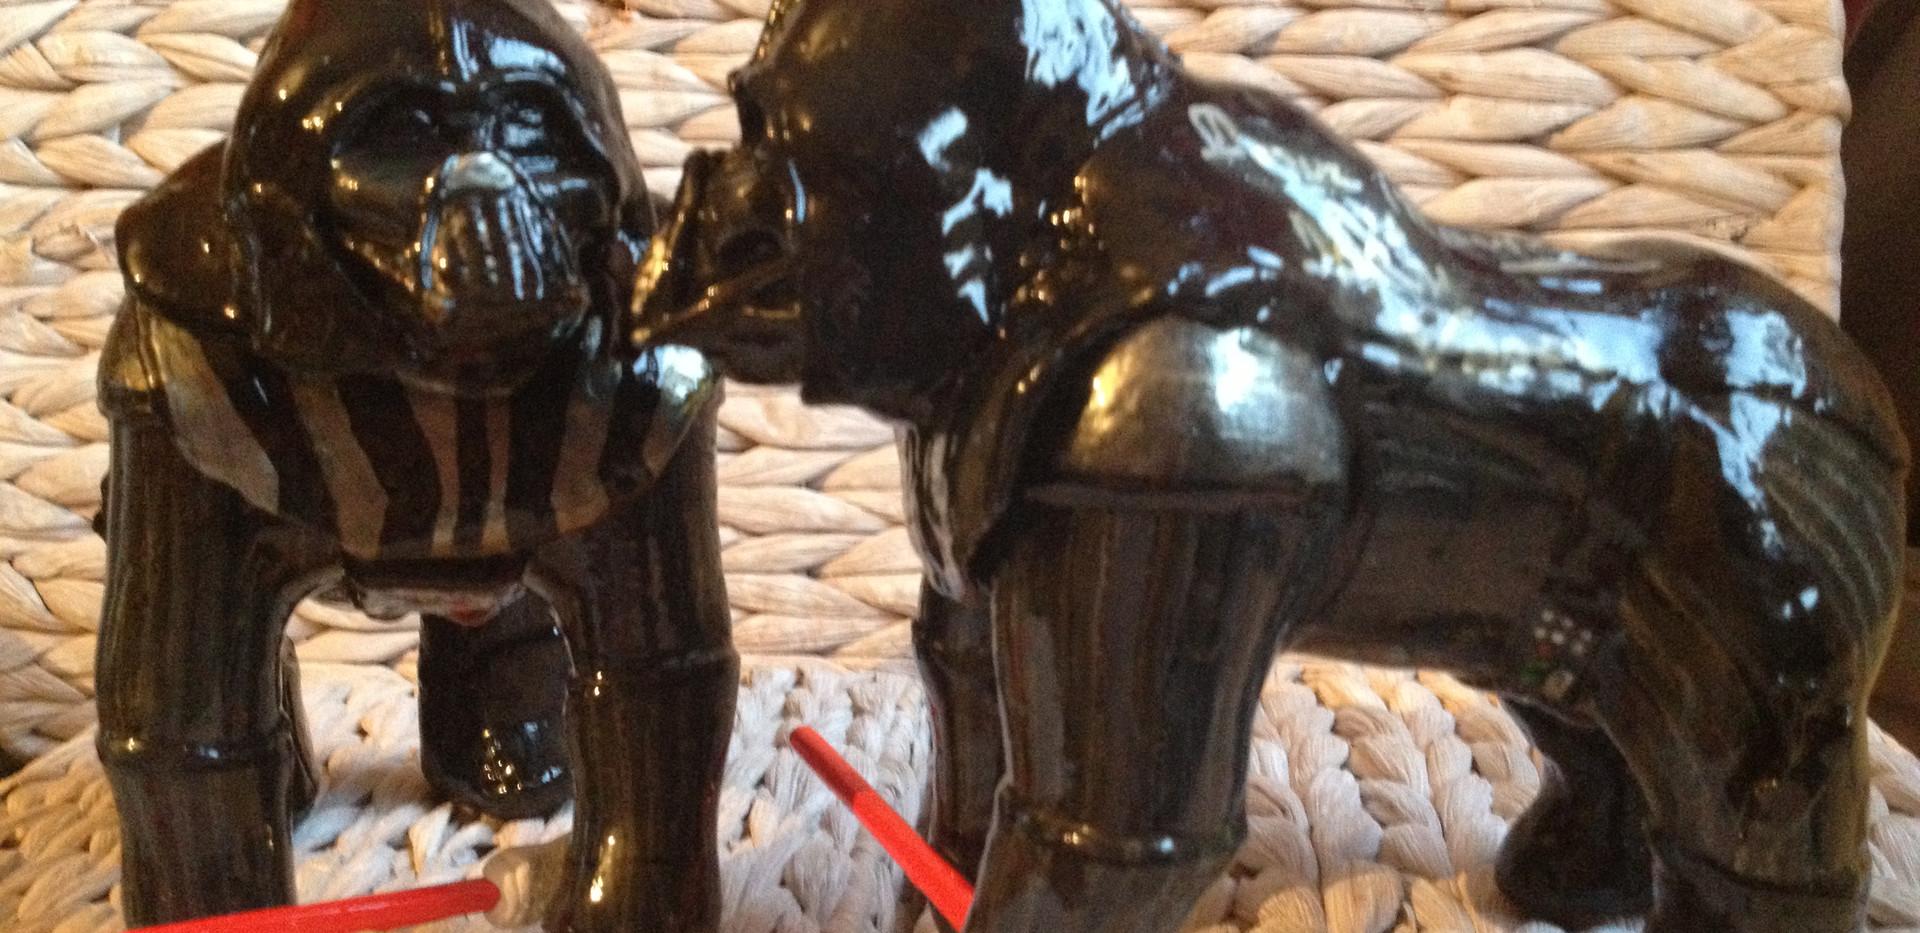 Baby Darth Vader Gorillas 041.jpg